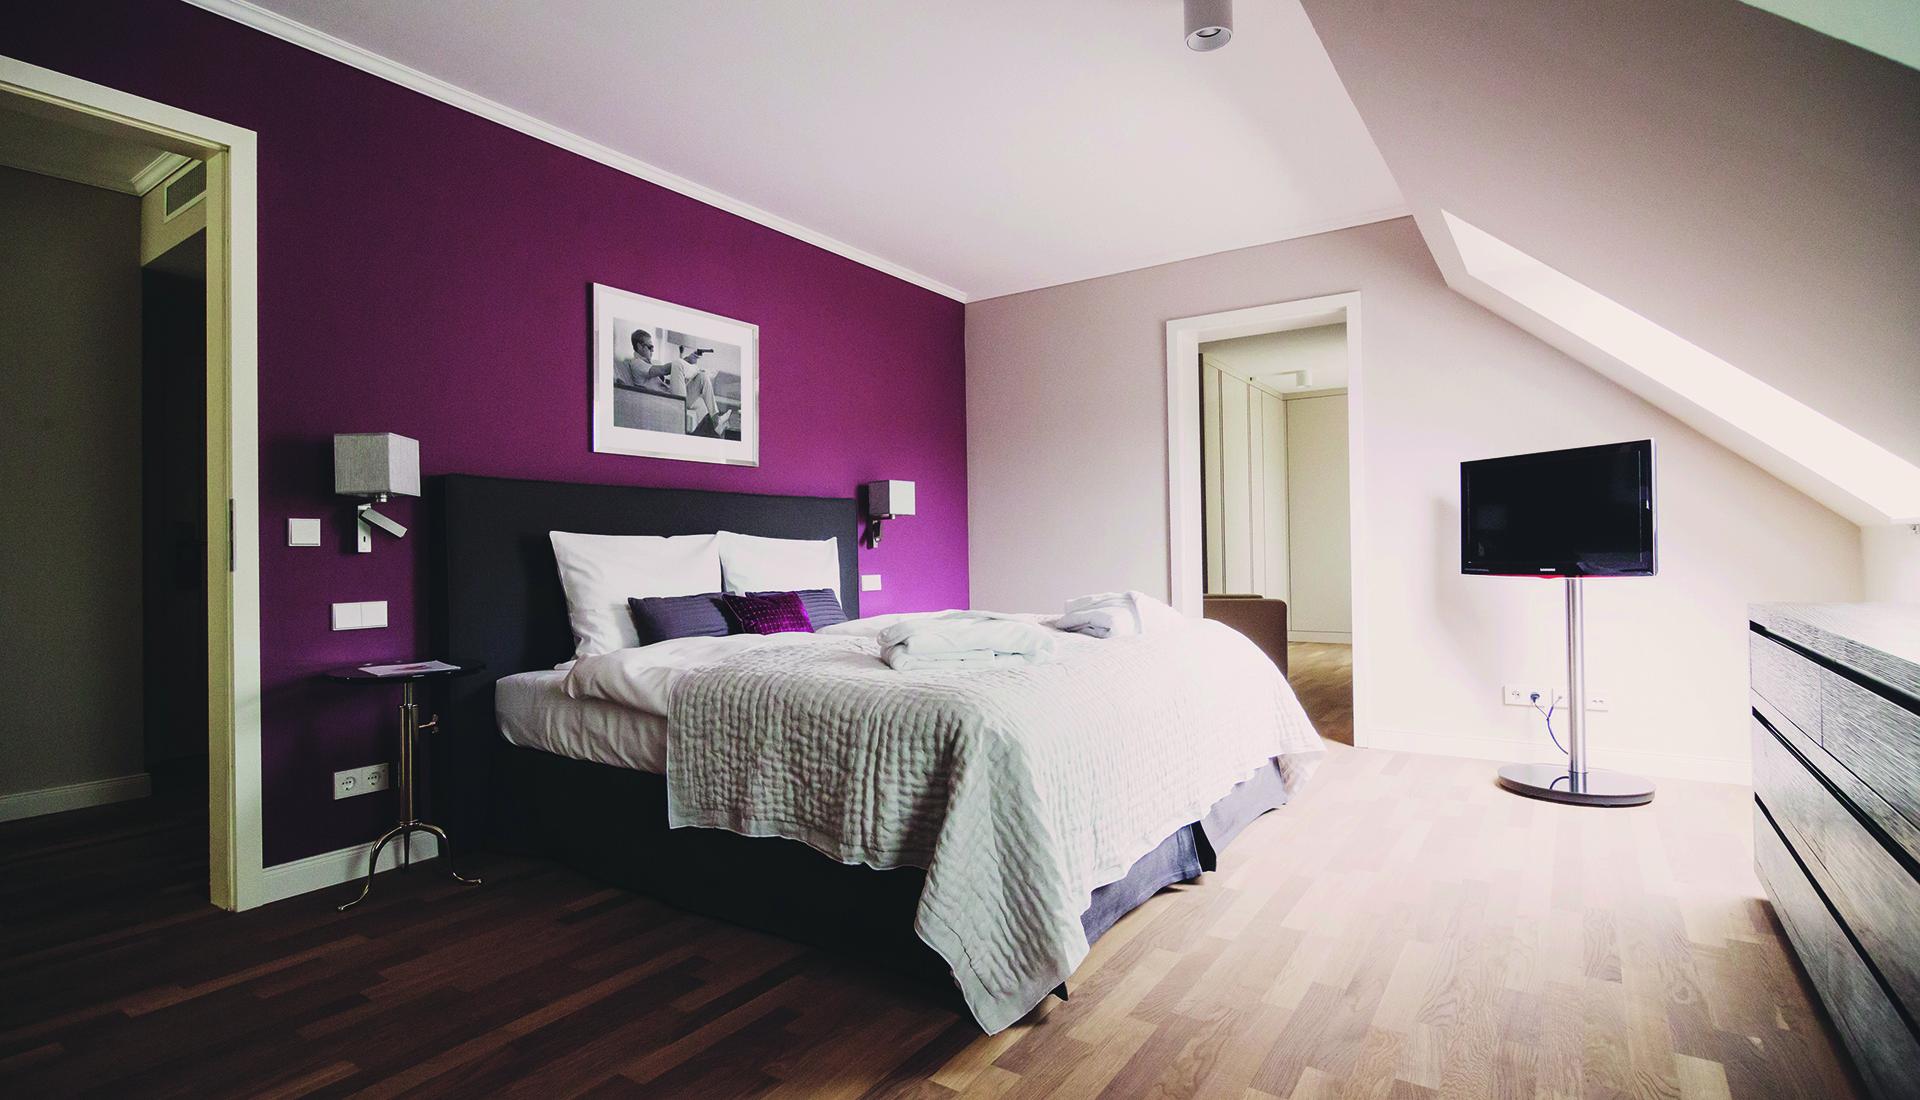 Das Hotel VILA VITA Rosenpark in Marburg